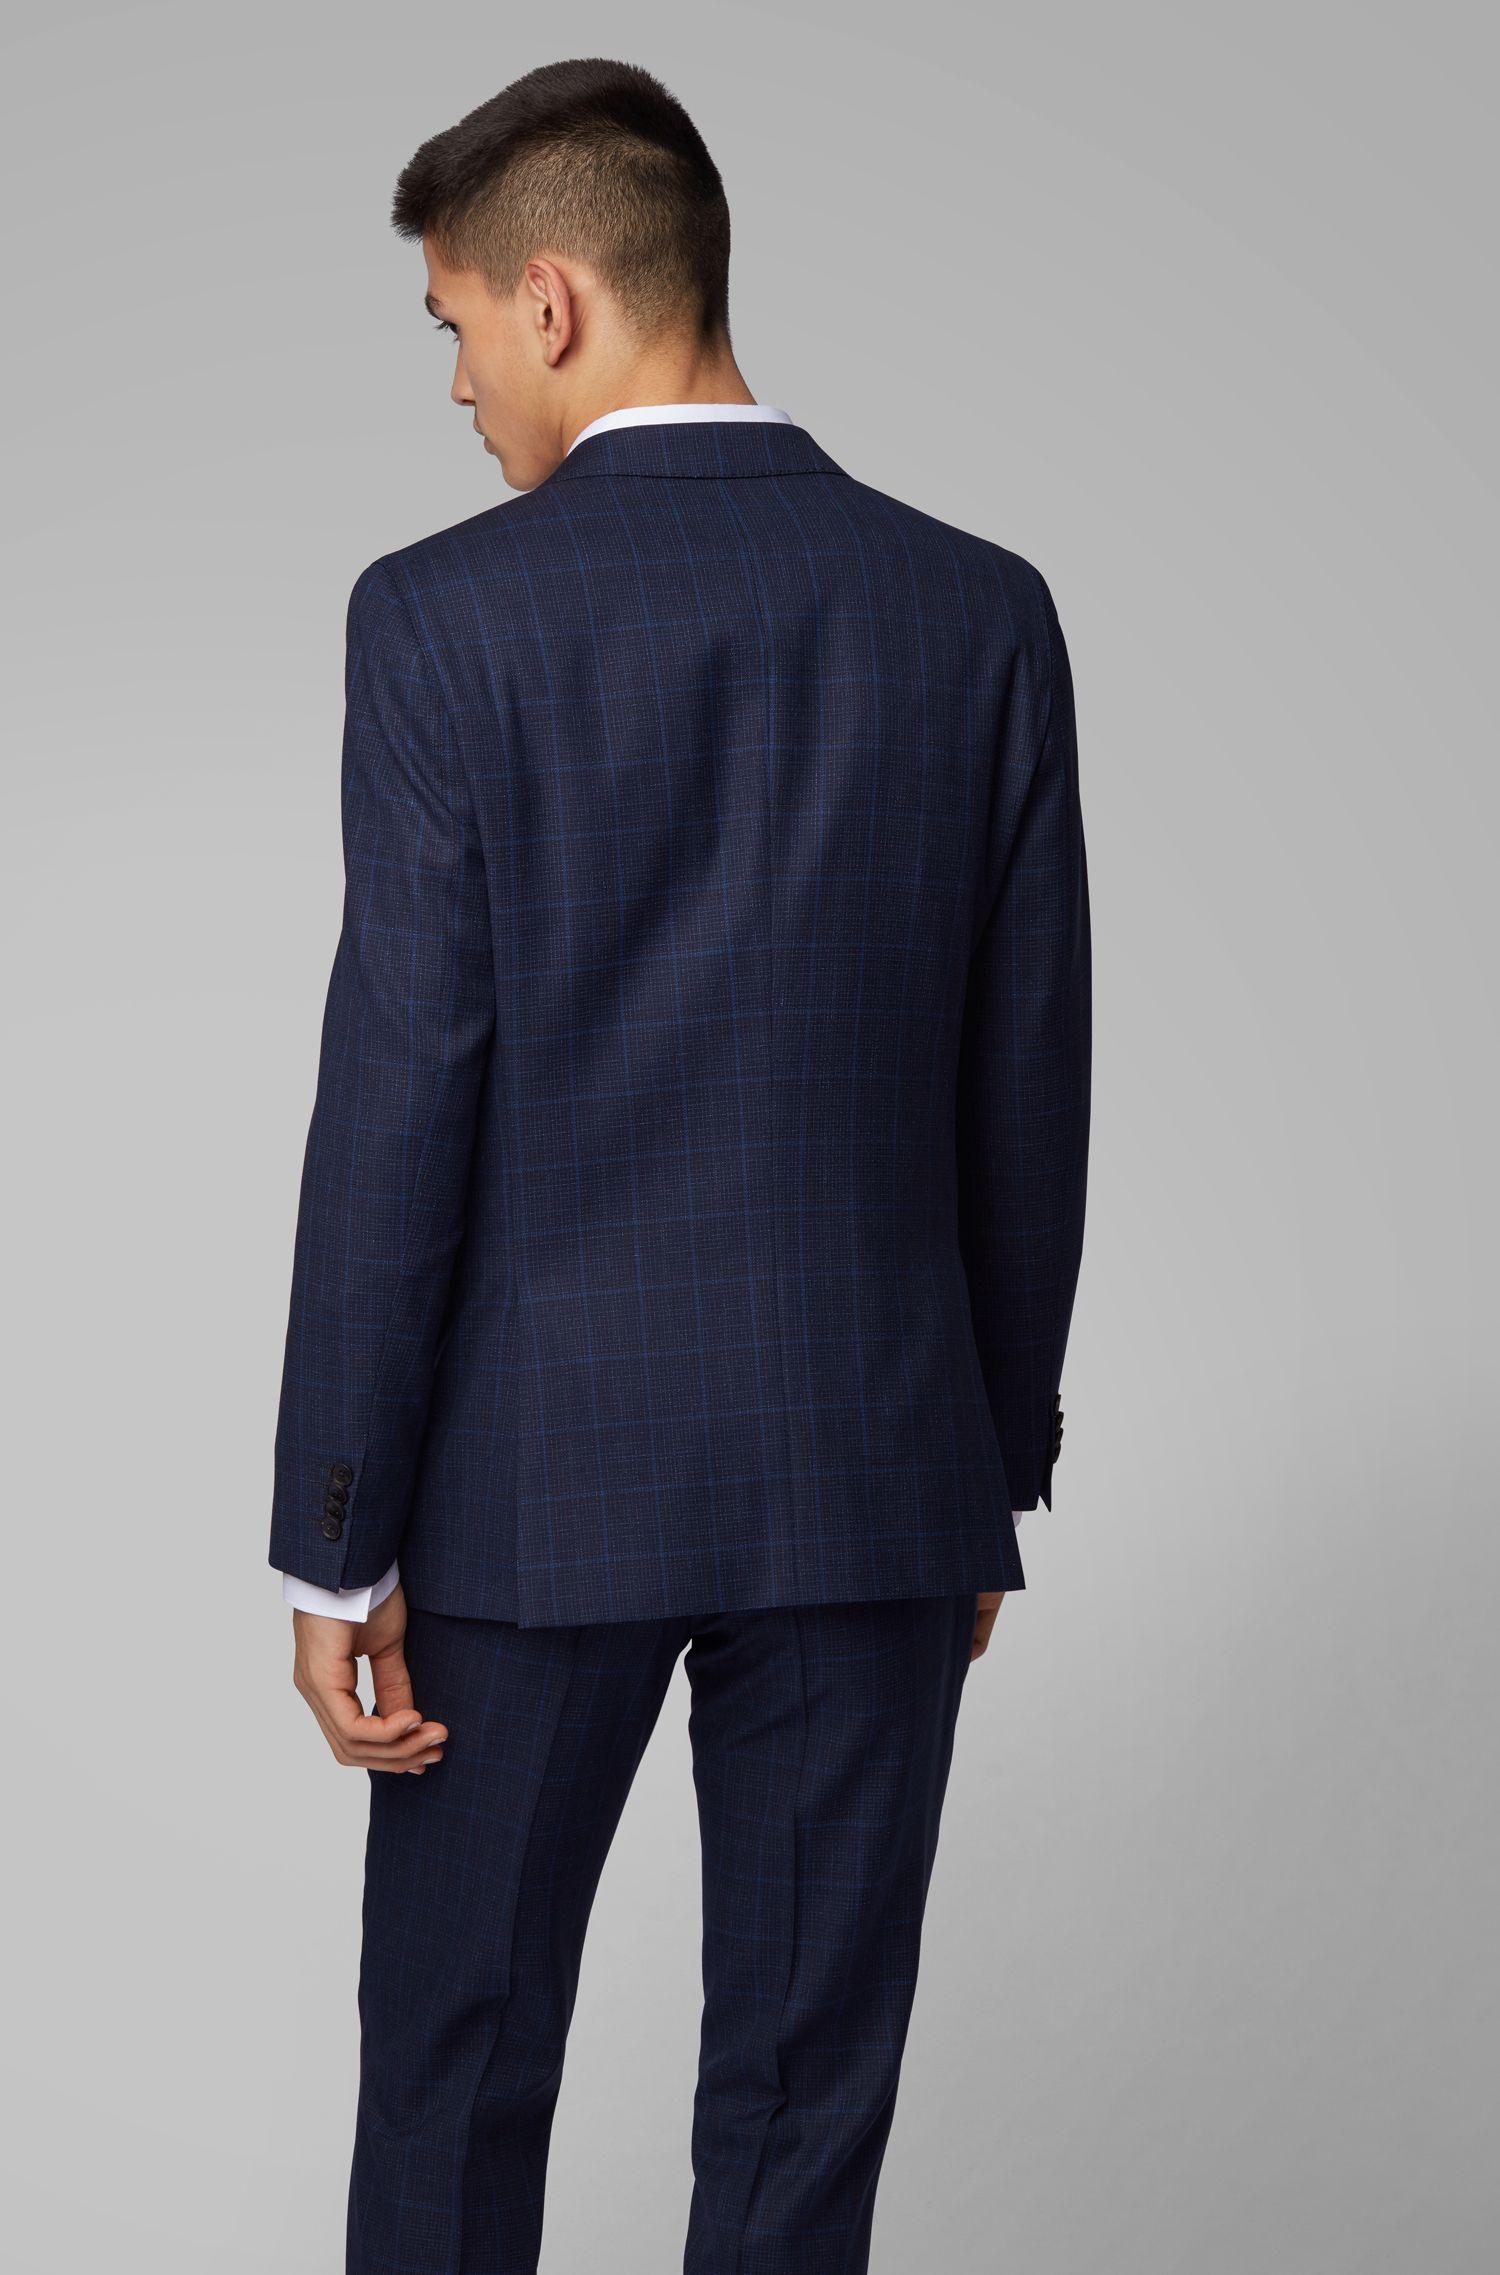 Abito slim fit in lana vergine a quadri, Blu scuro